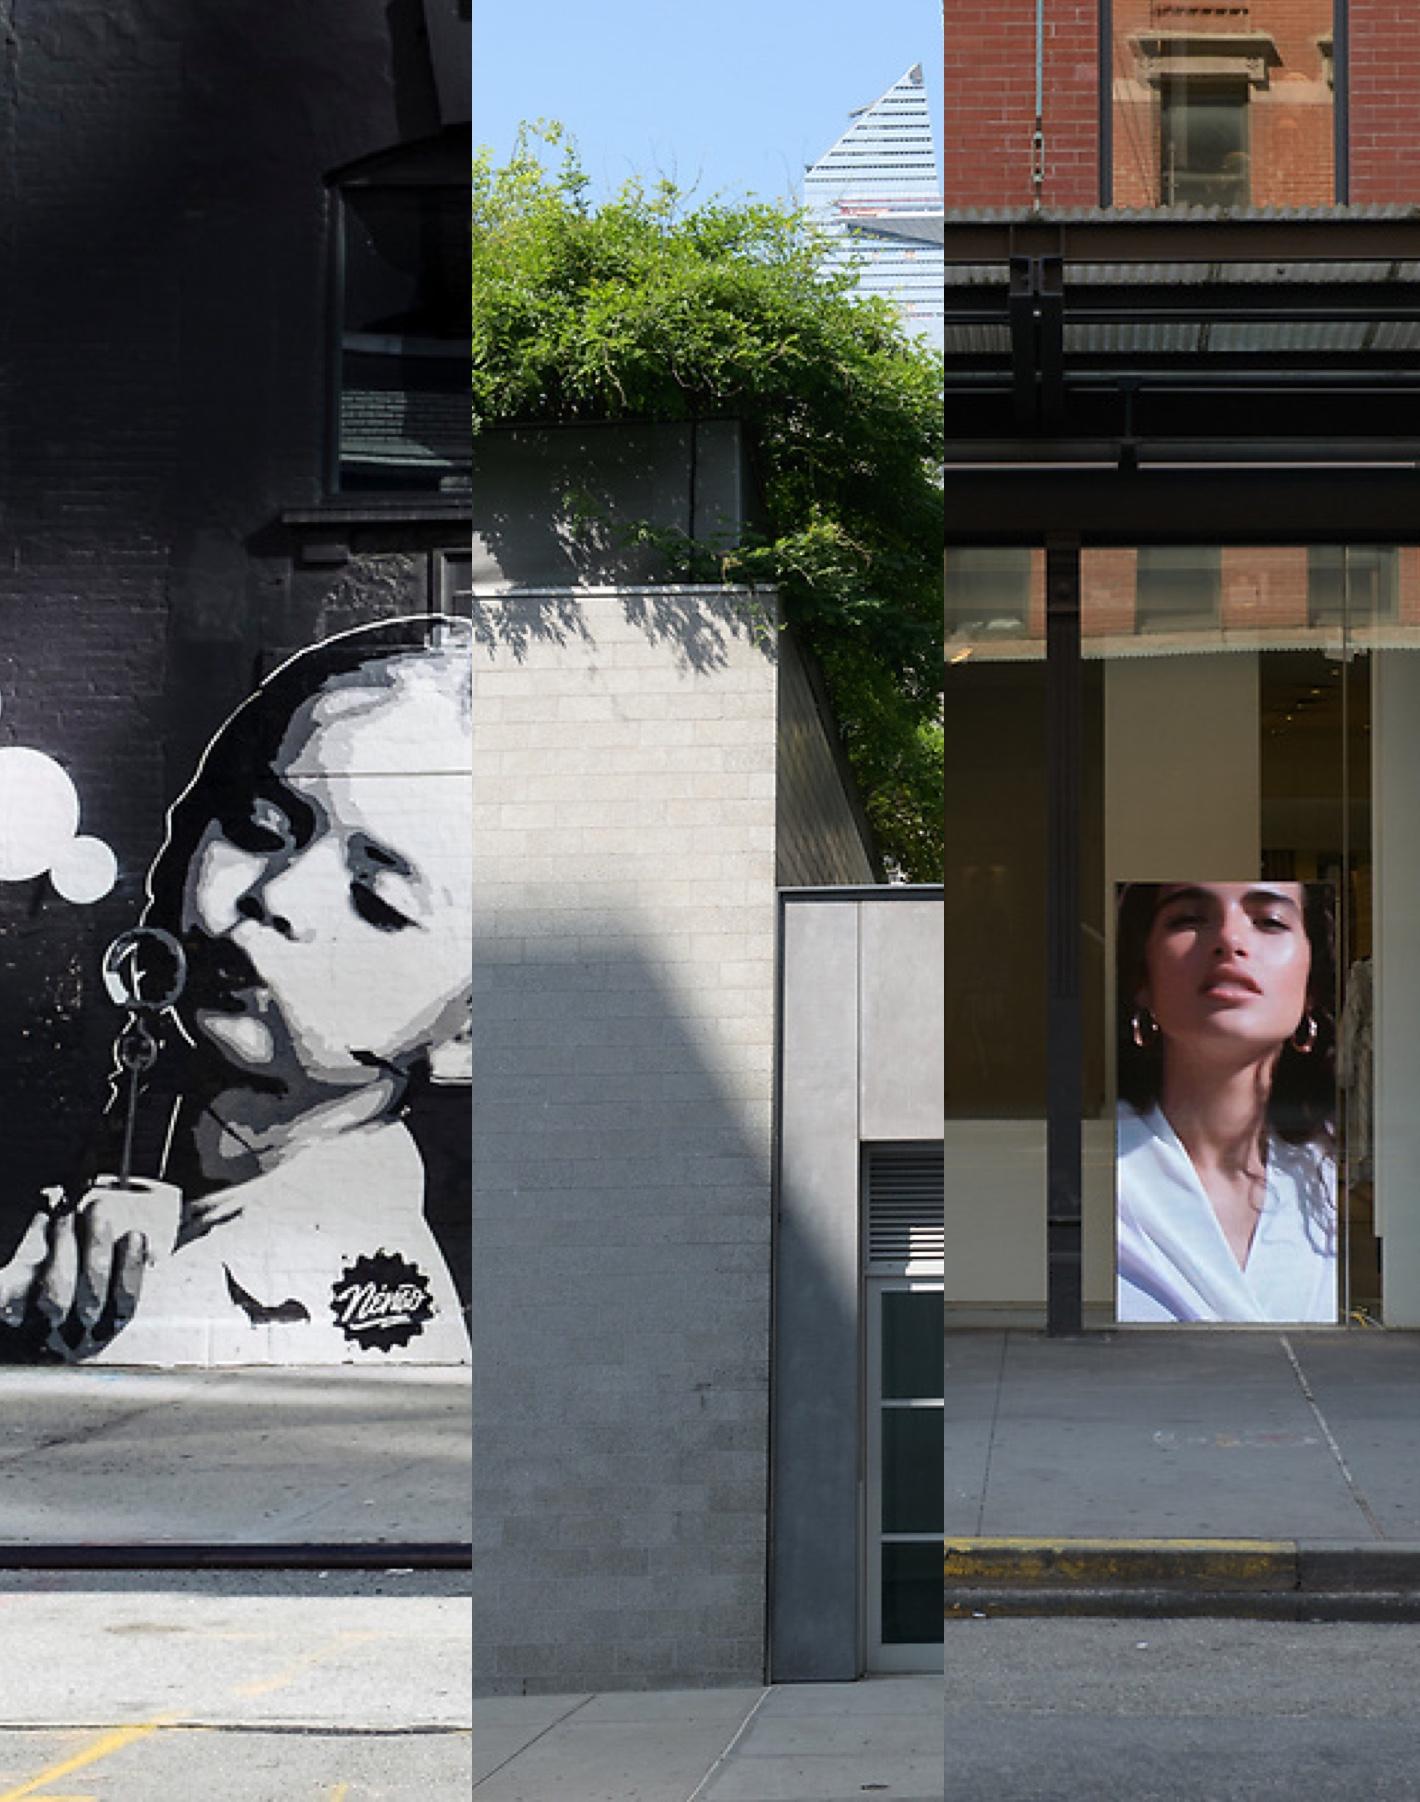 west chelsea's art district